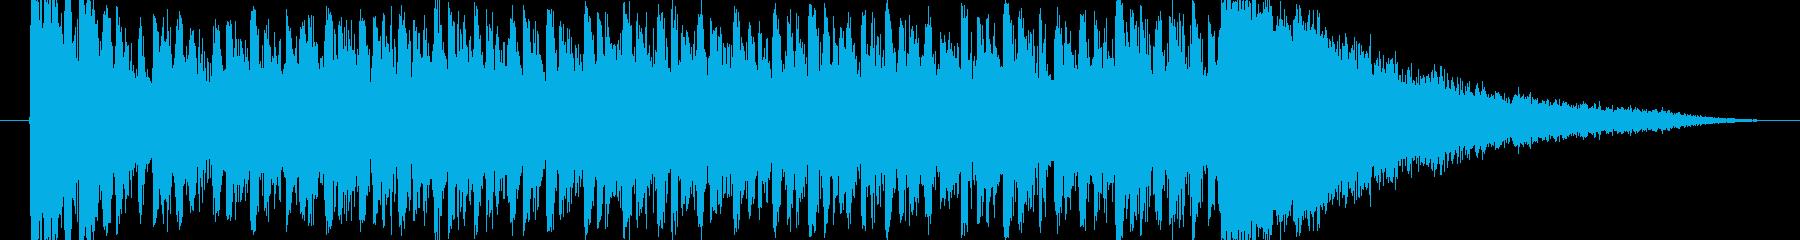 【ドラムロール】期待感の演出などに最適!の再生済みの波形